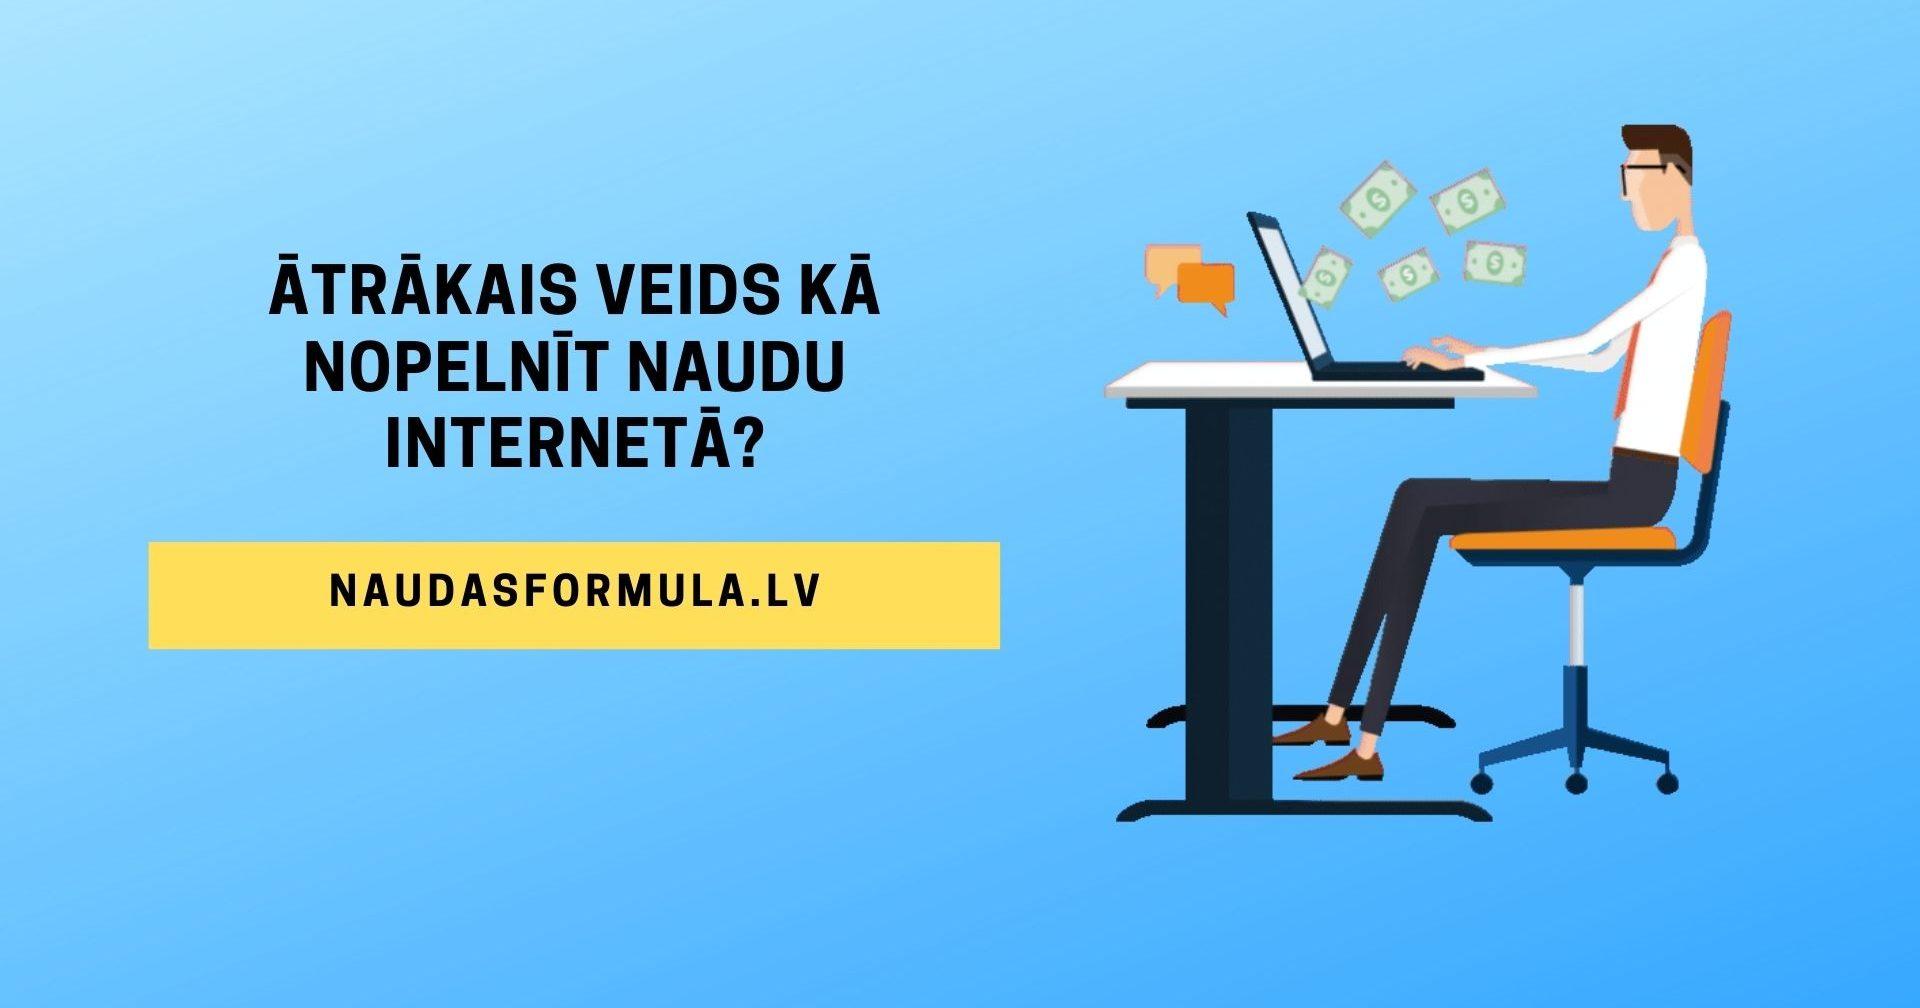 viedokļi par naudas pelnīšanu internetā)